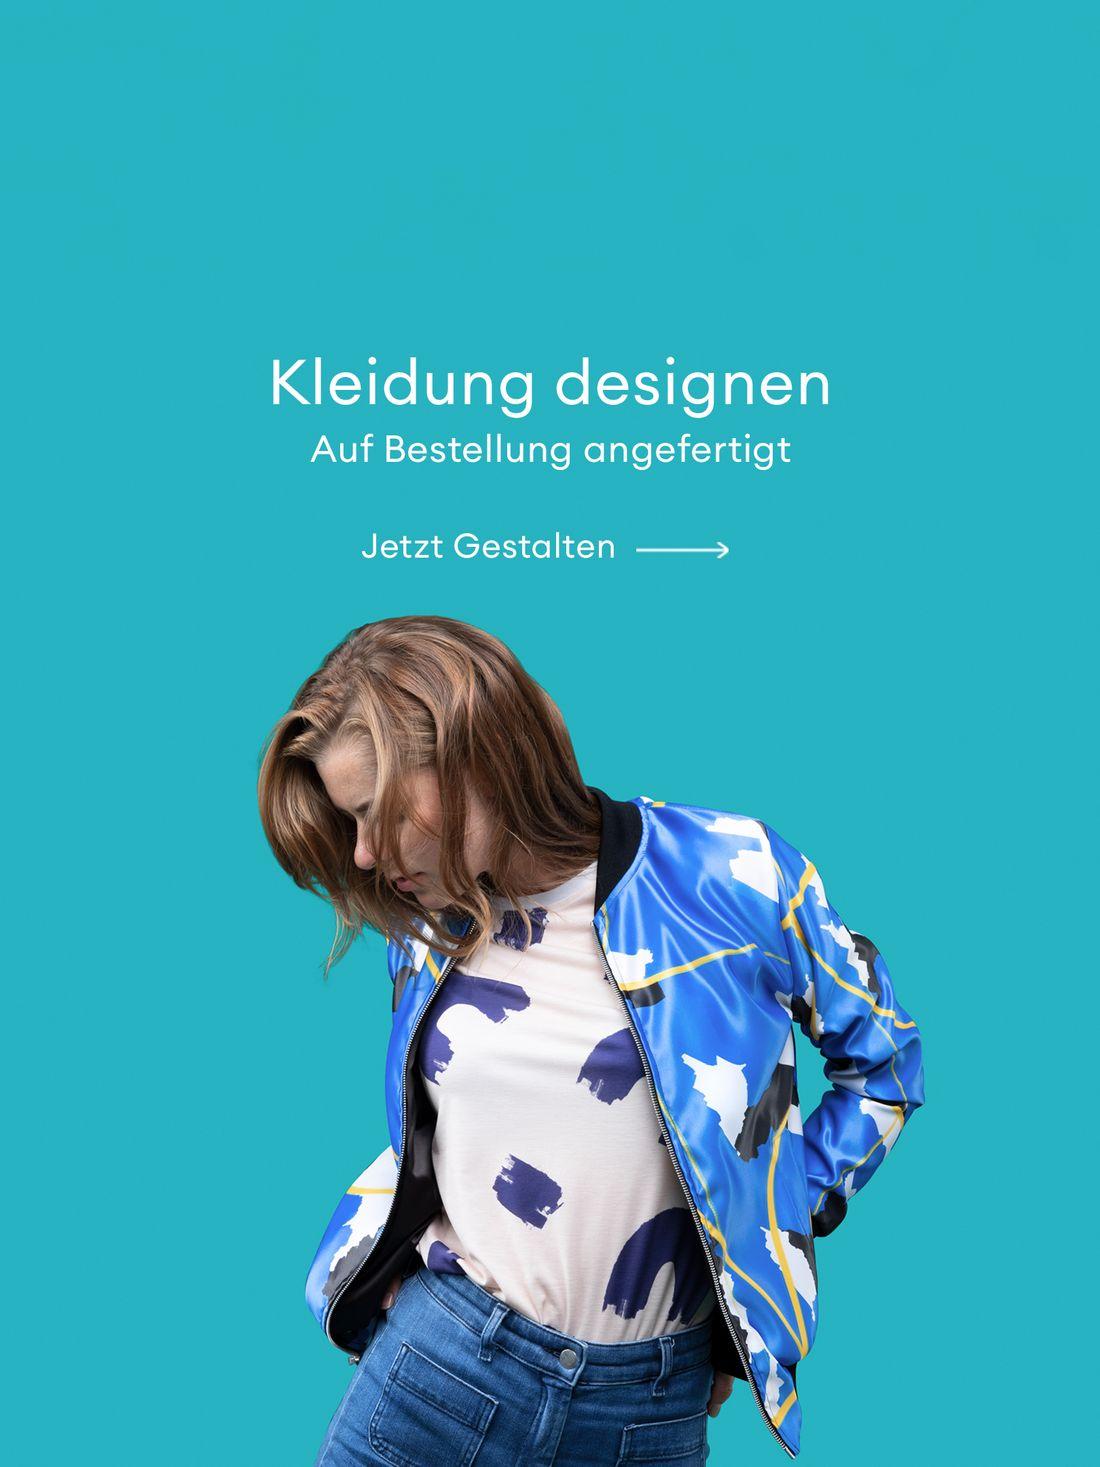 Kleidung designen